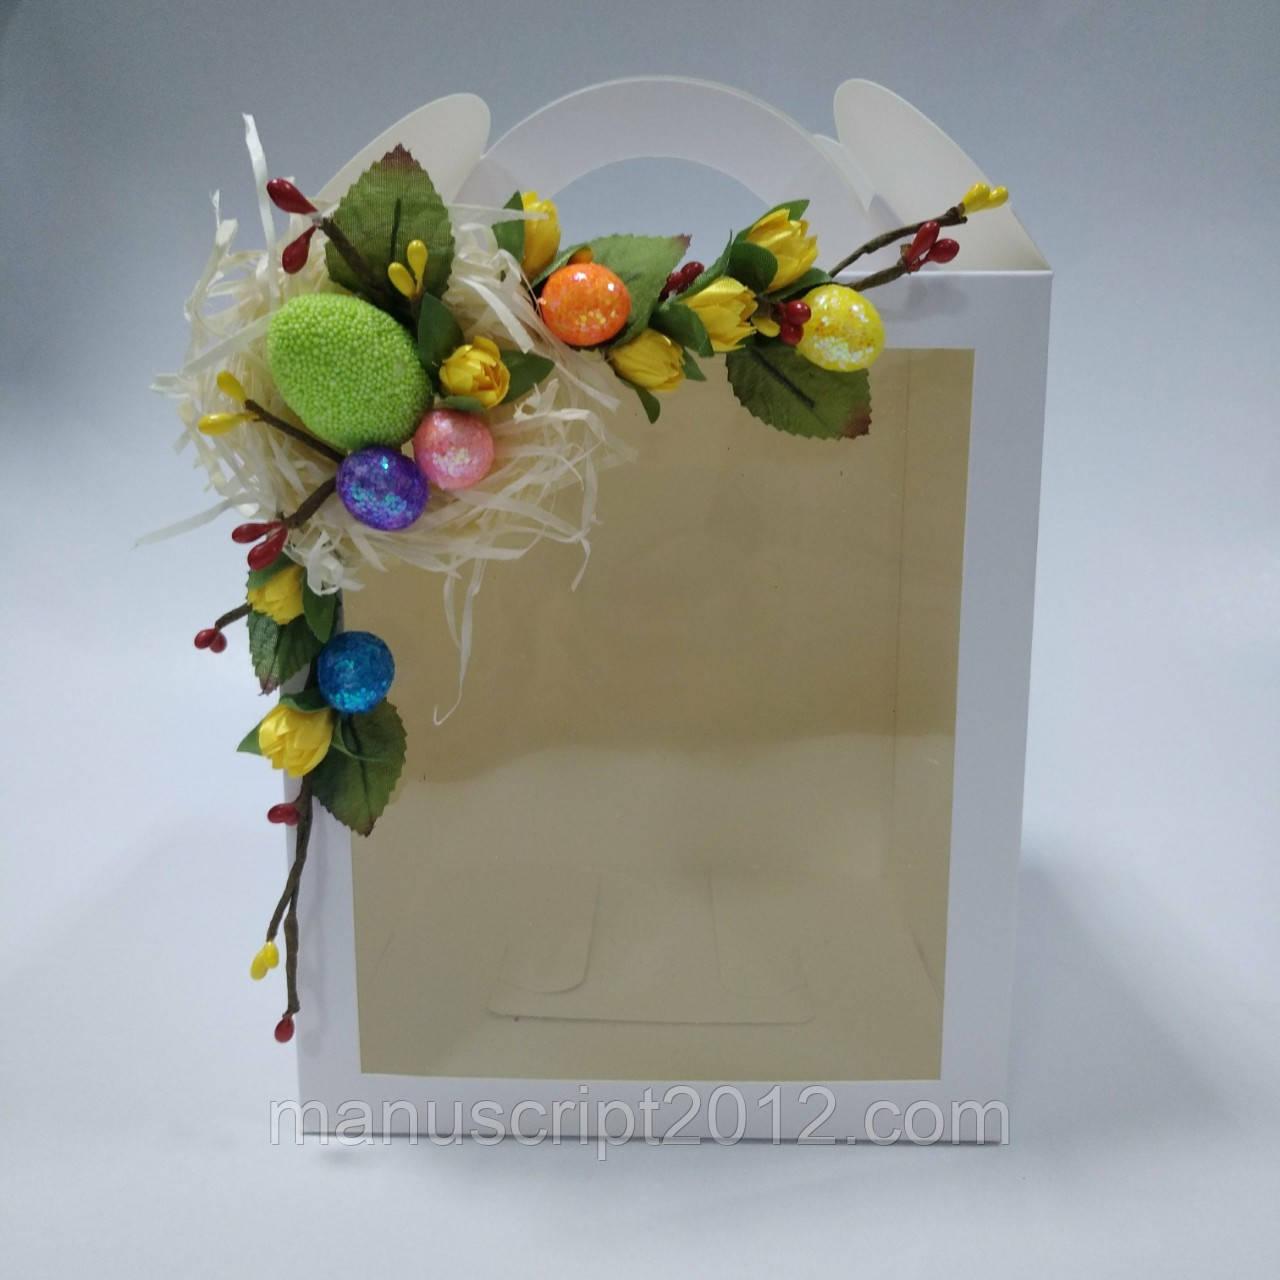 Коробка для кулича, пряничных домов, подарков с одним окном 160х160х190 мм с декором